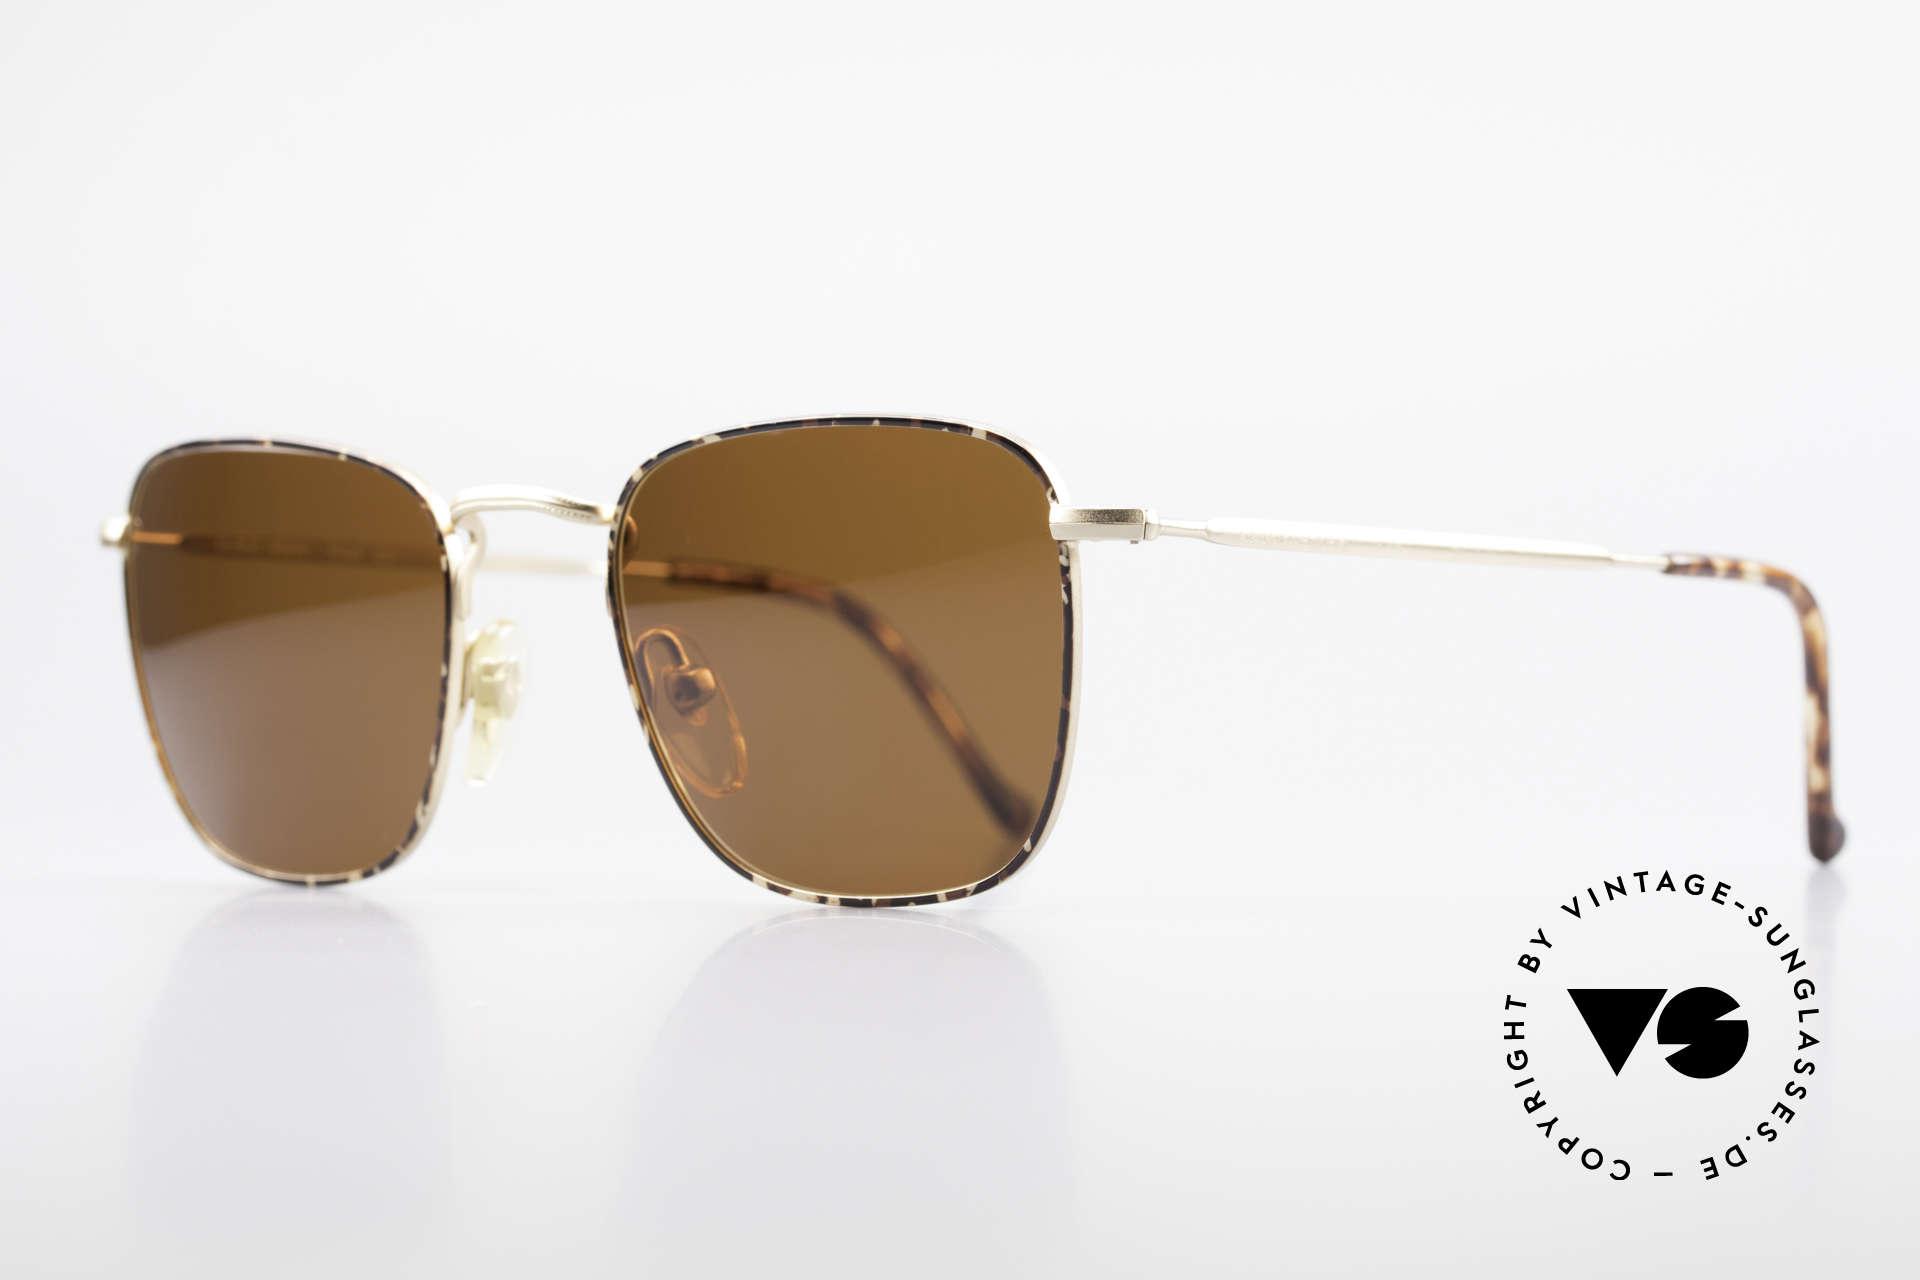 """Giorgio Armani 137 Eckige Panto Vintage Brille, dezent elegante """"kastanie / schildpatt"""" Kolorierung, Passend für Herren"""